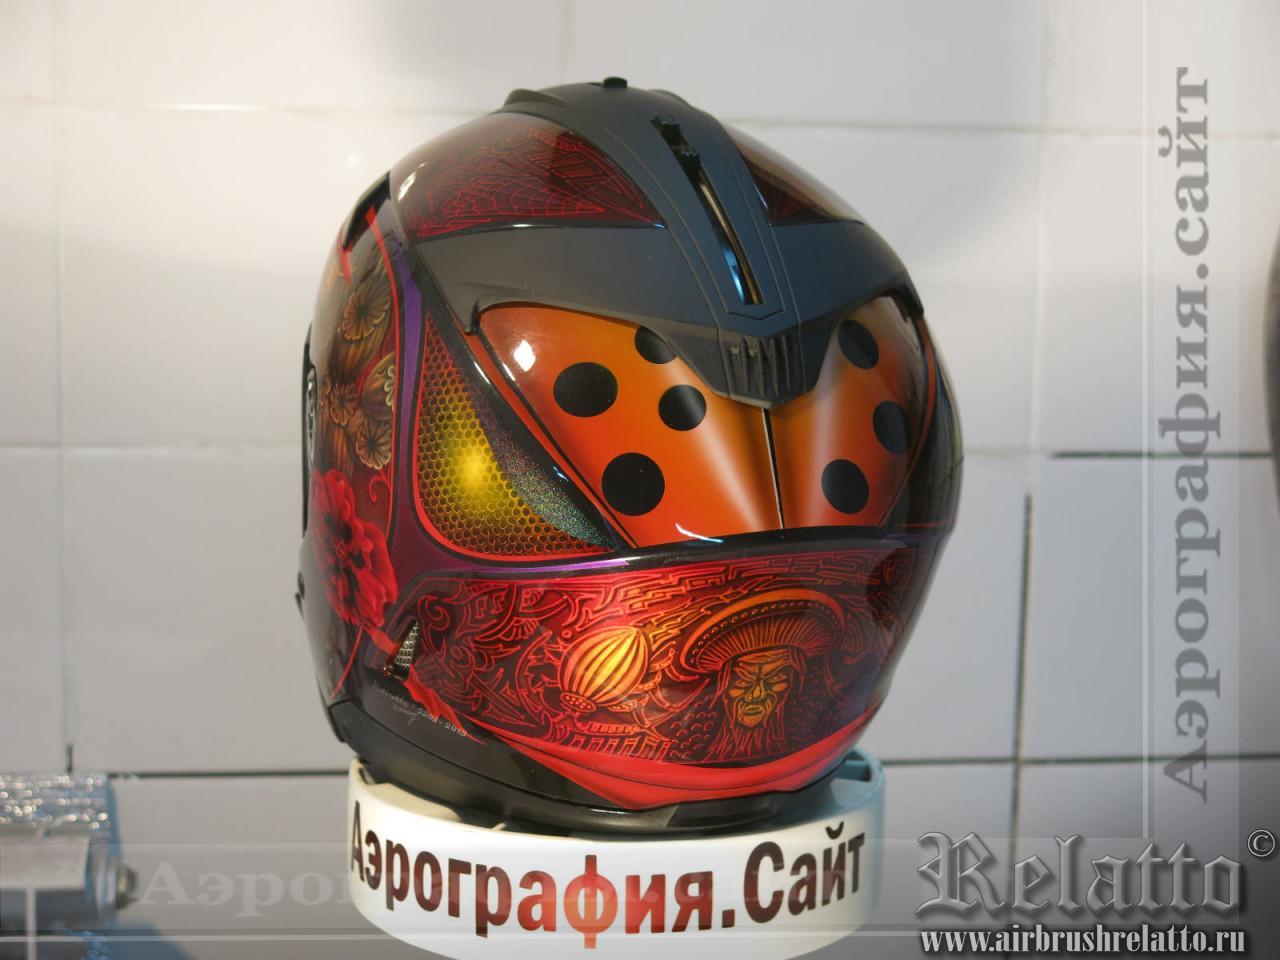 шлем с аэрографией в Краснодаре